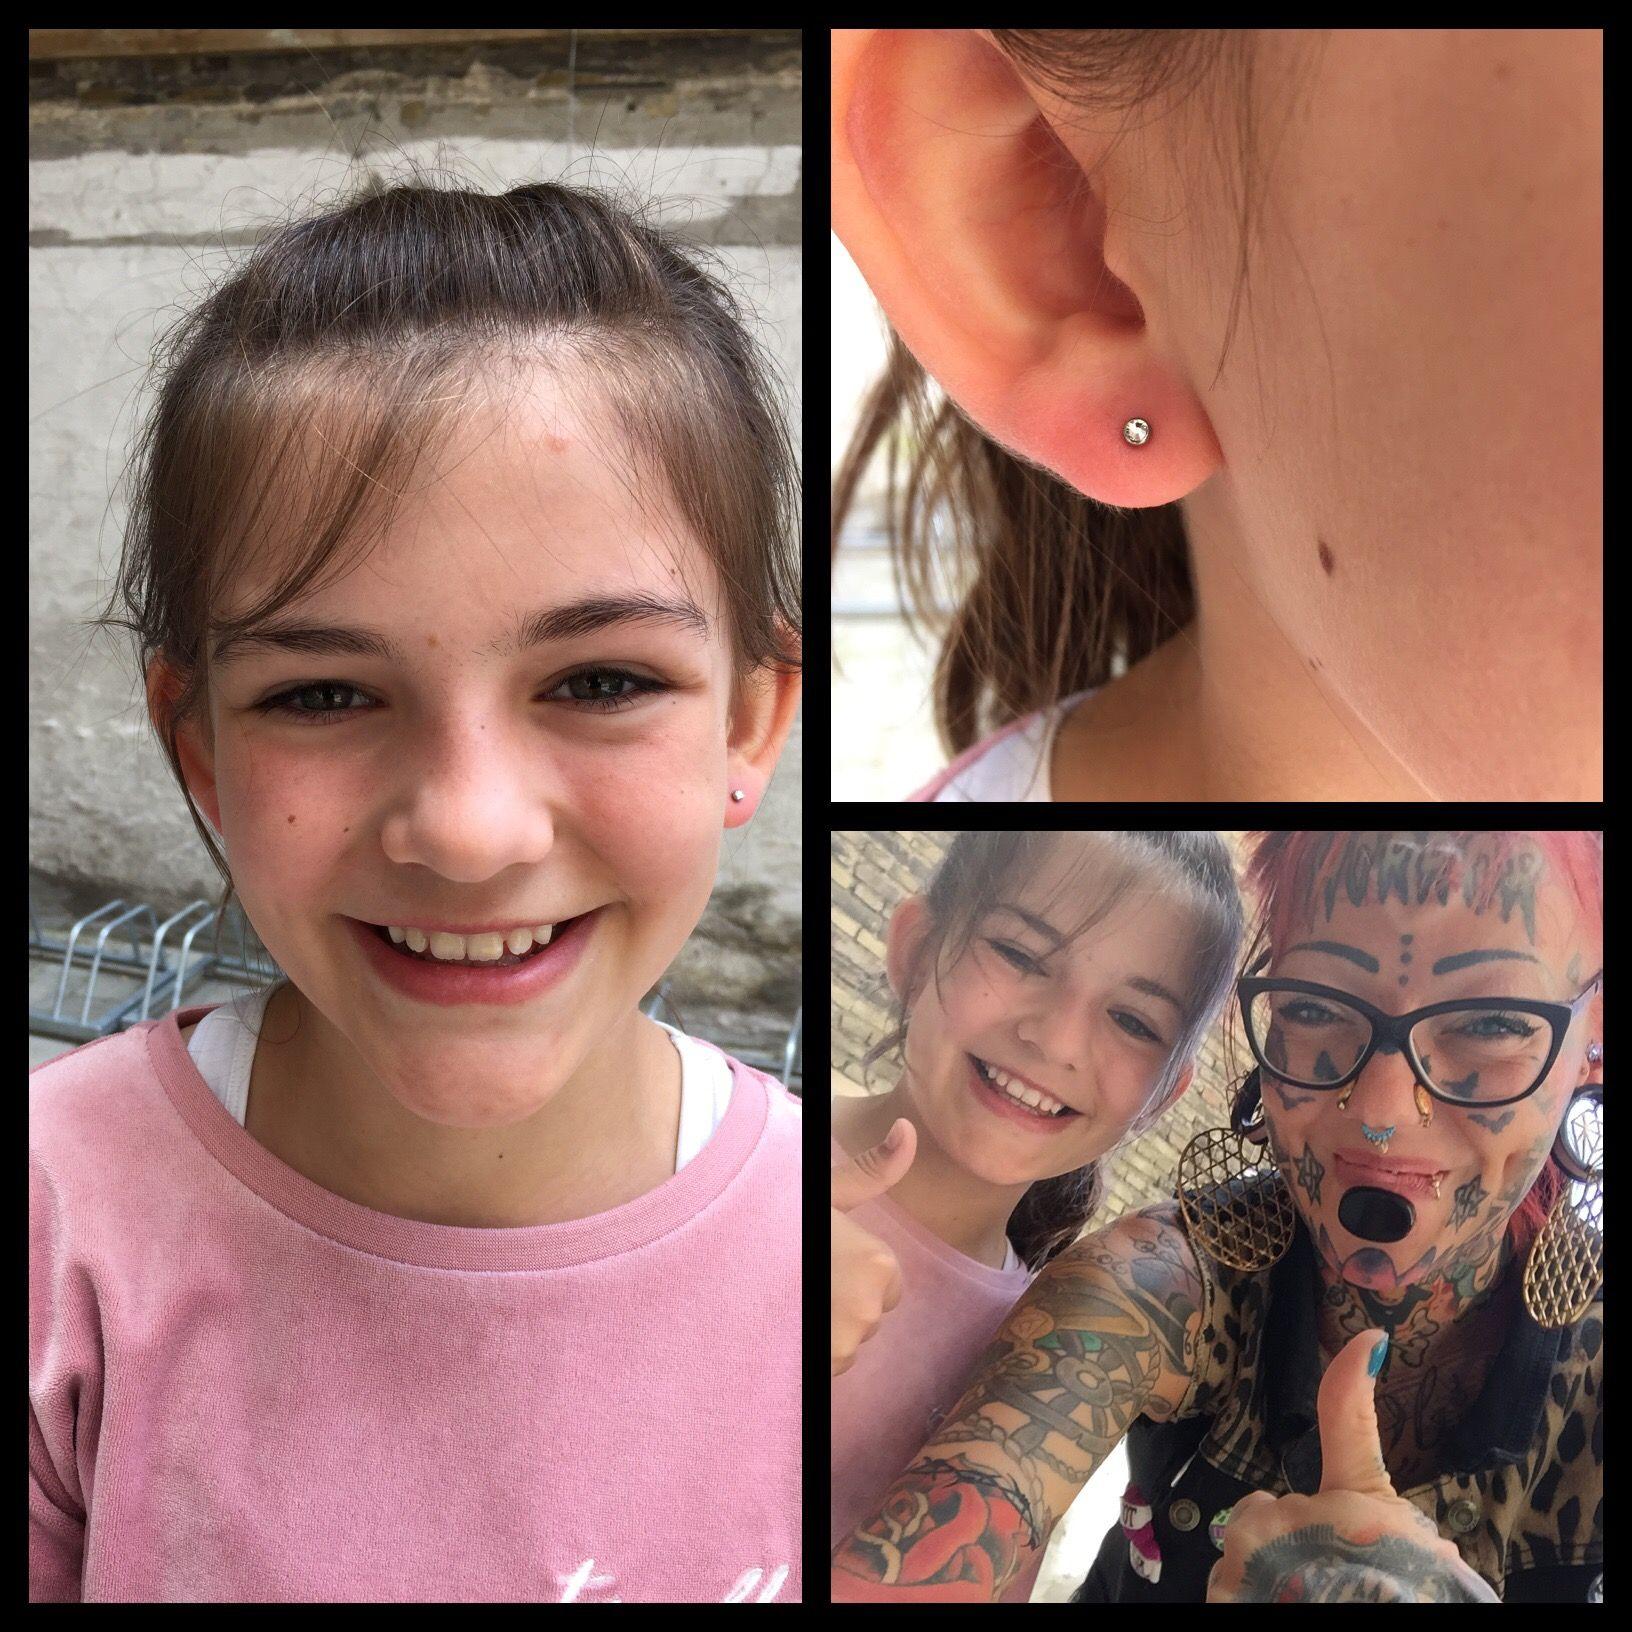 Seje piger får seje huller i ørene ❤️🌈🦄   Jeg piercer gladeligt børn i ørene, som selv kan be om det og selv ønsker at få det gjort ❤️🙏🏾  Ses i dag hos Artistic på Vesterbro 10-18 🌼